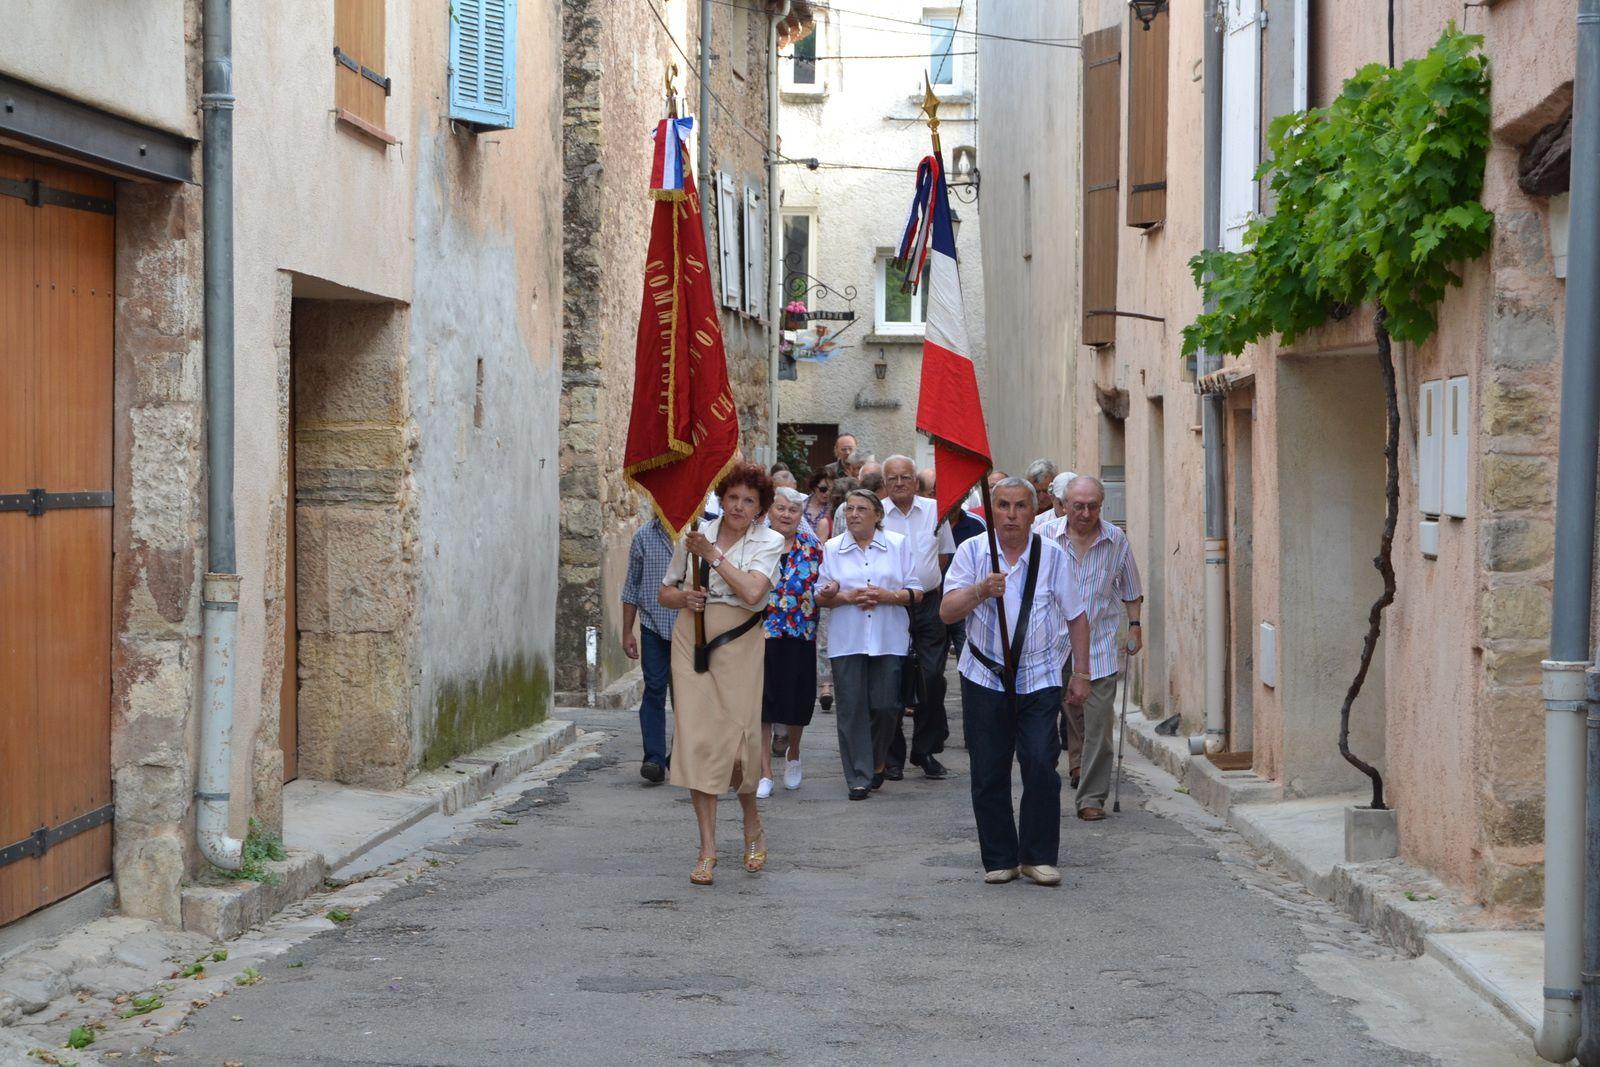 Le Val : Commémoration aux résistants Valois le vendredi 16 juin 2017 à 18h30